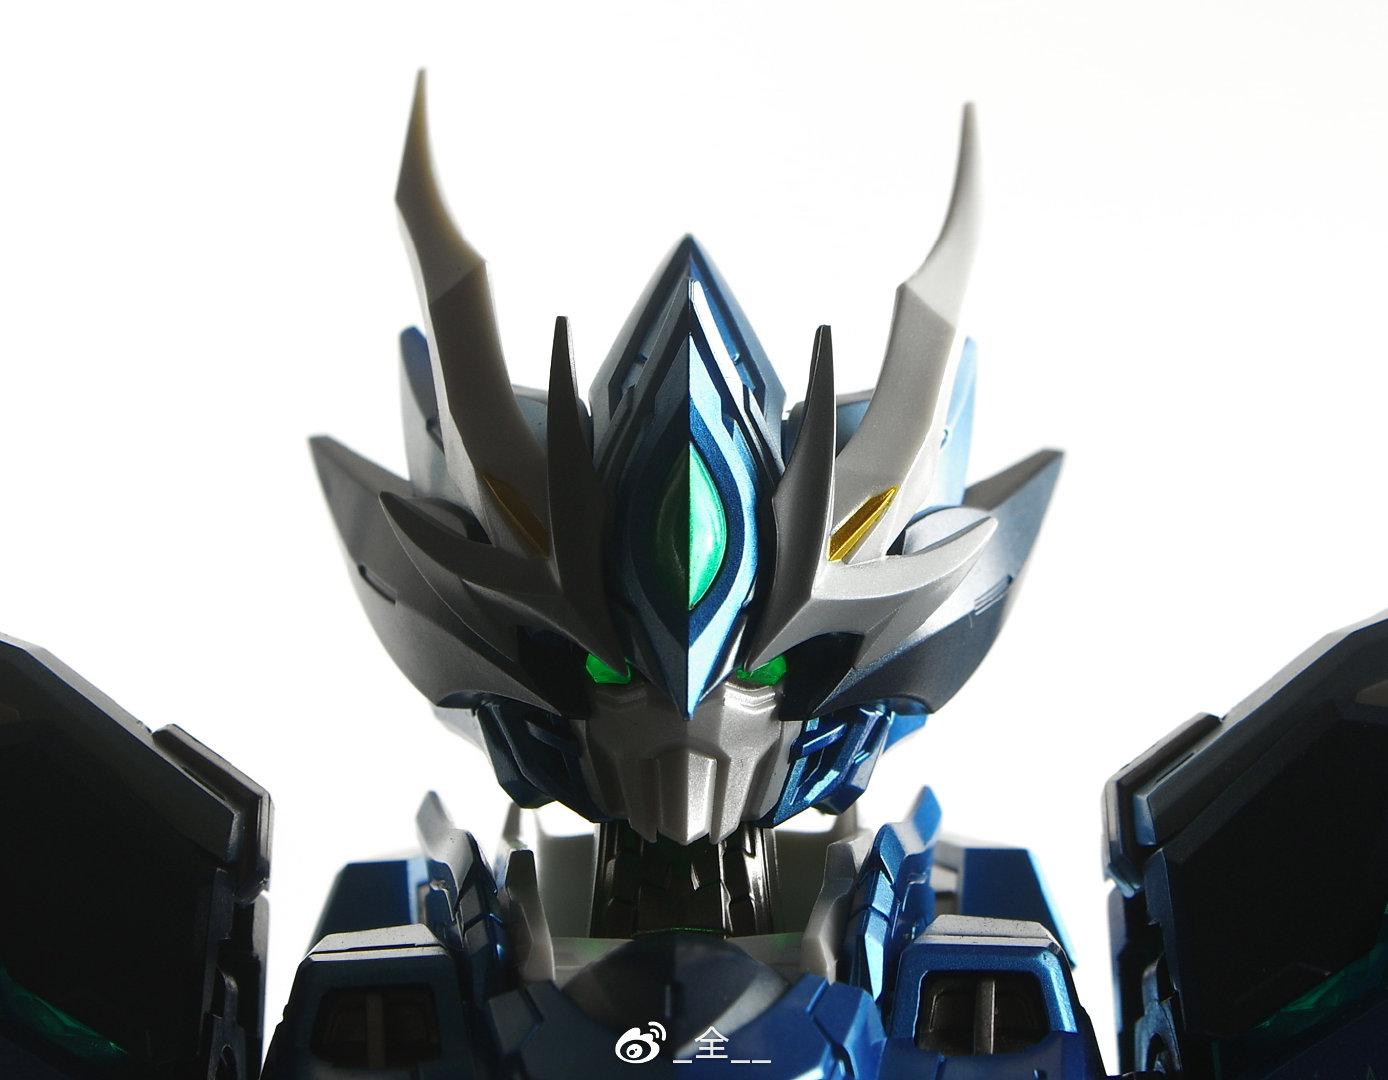 S470_MOTOR_NUCLEAR_MN_Q03_blue_gragon_ao_bing_di_hui_xing_han_long_zi_024.jpg